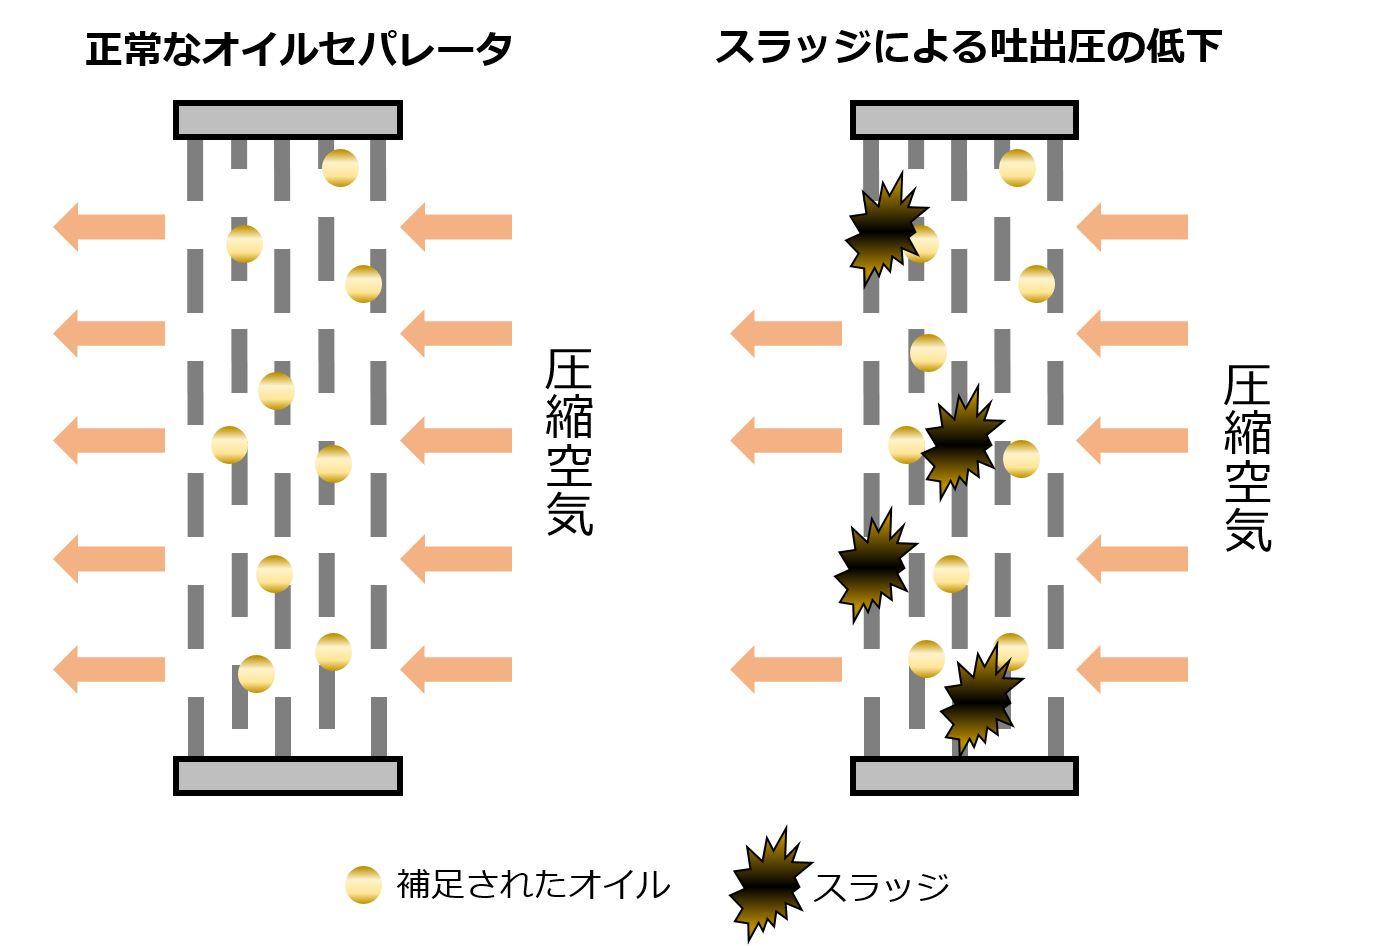 セパレータの目詰まりによる圧損のイメージ図です